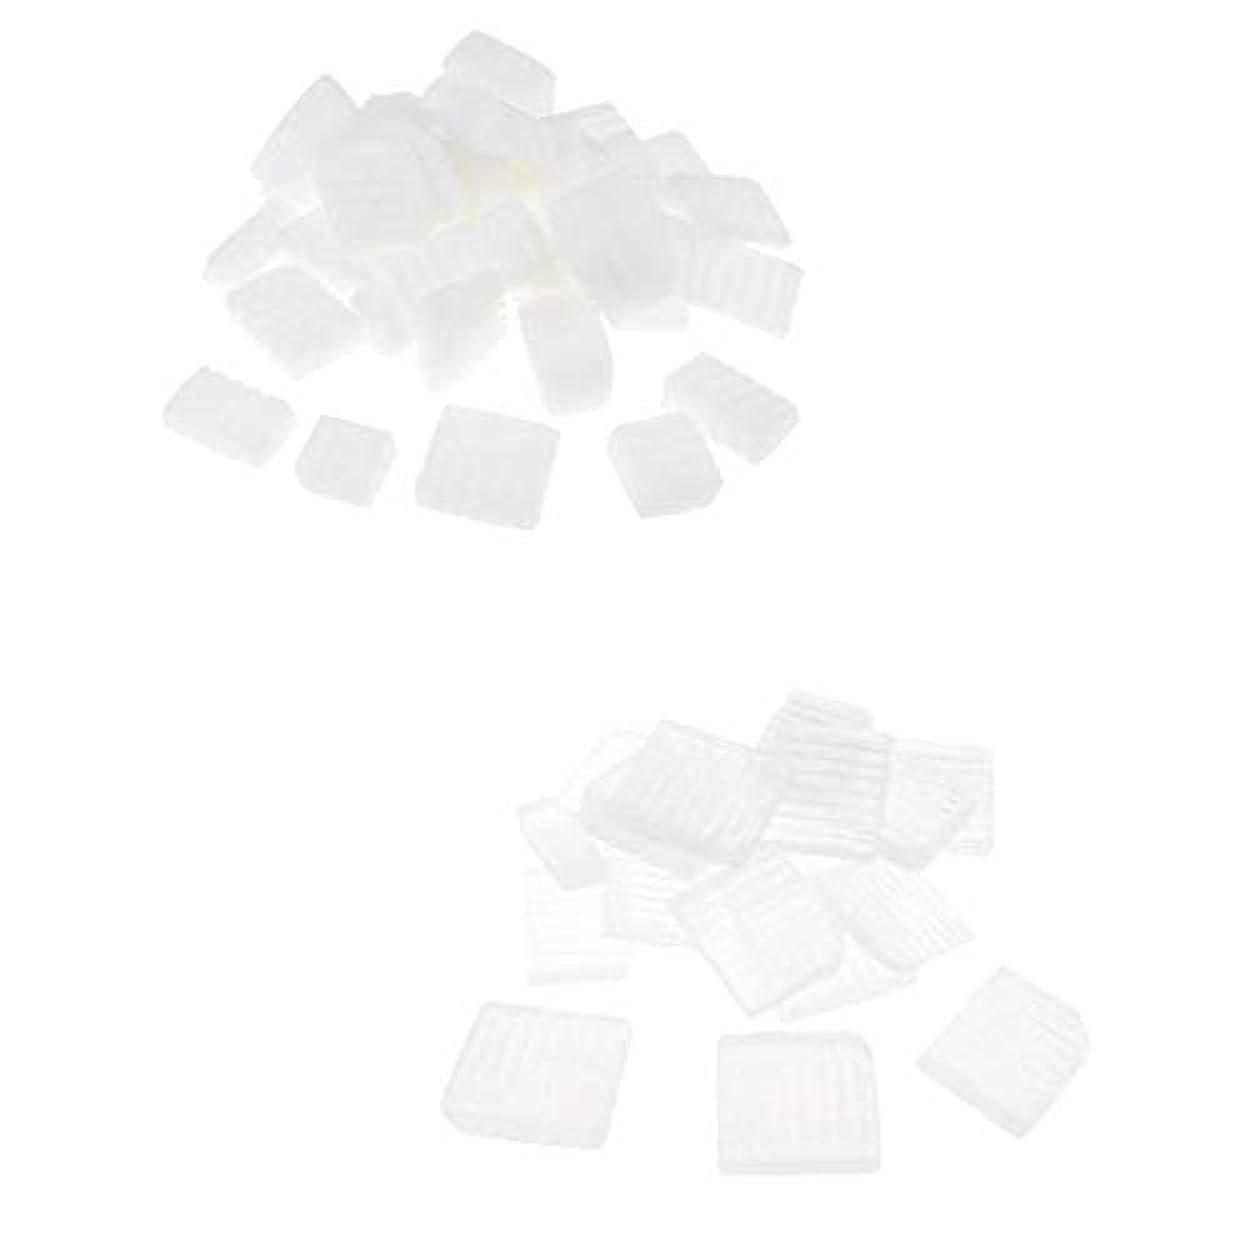 悲観的明るいしなやかなPerfeclan 固形せっけん ホワイト透明 手芸 バス用品 手作り ハンドメイド 石鹸製造 安全健康 2種混合